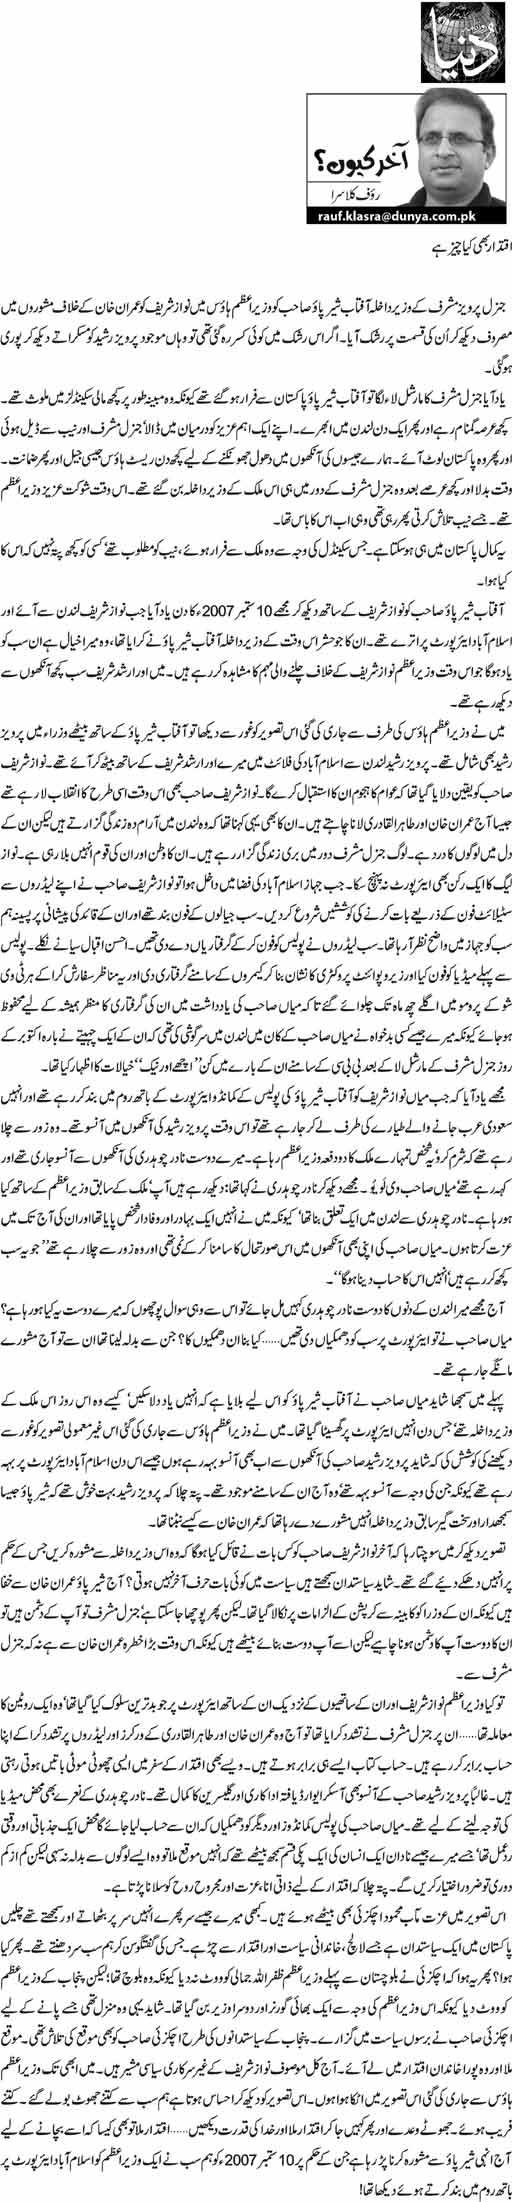 Print Media Coverage Daily Dunya - Rauf Klasra